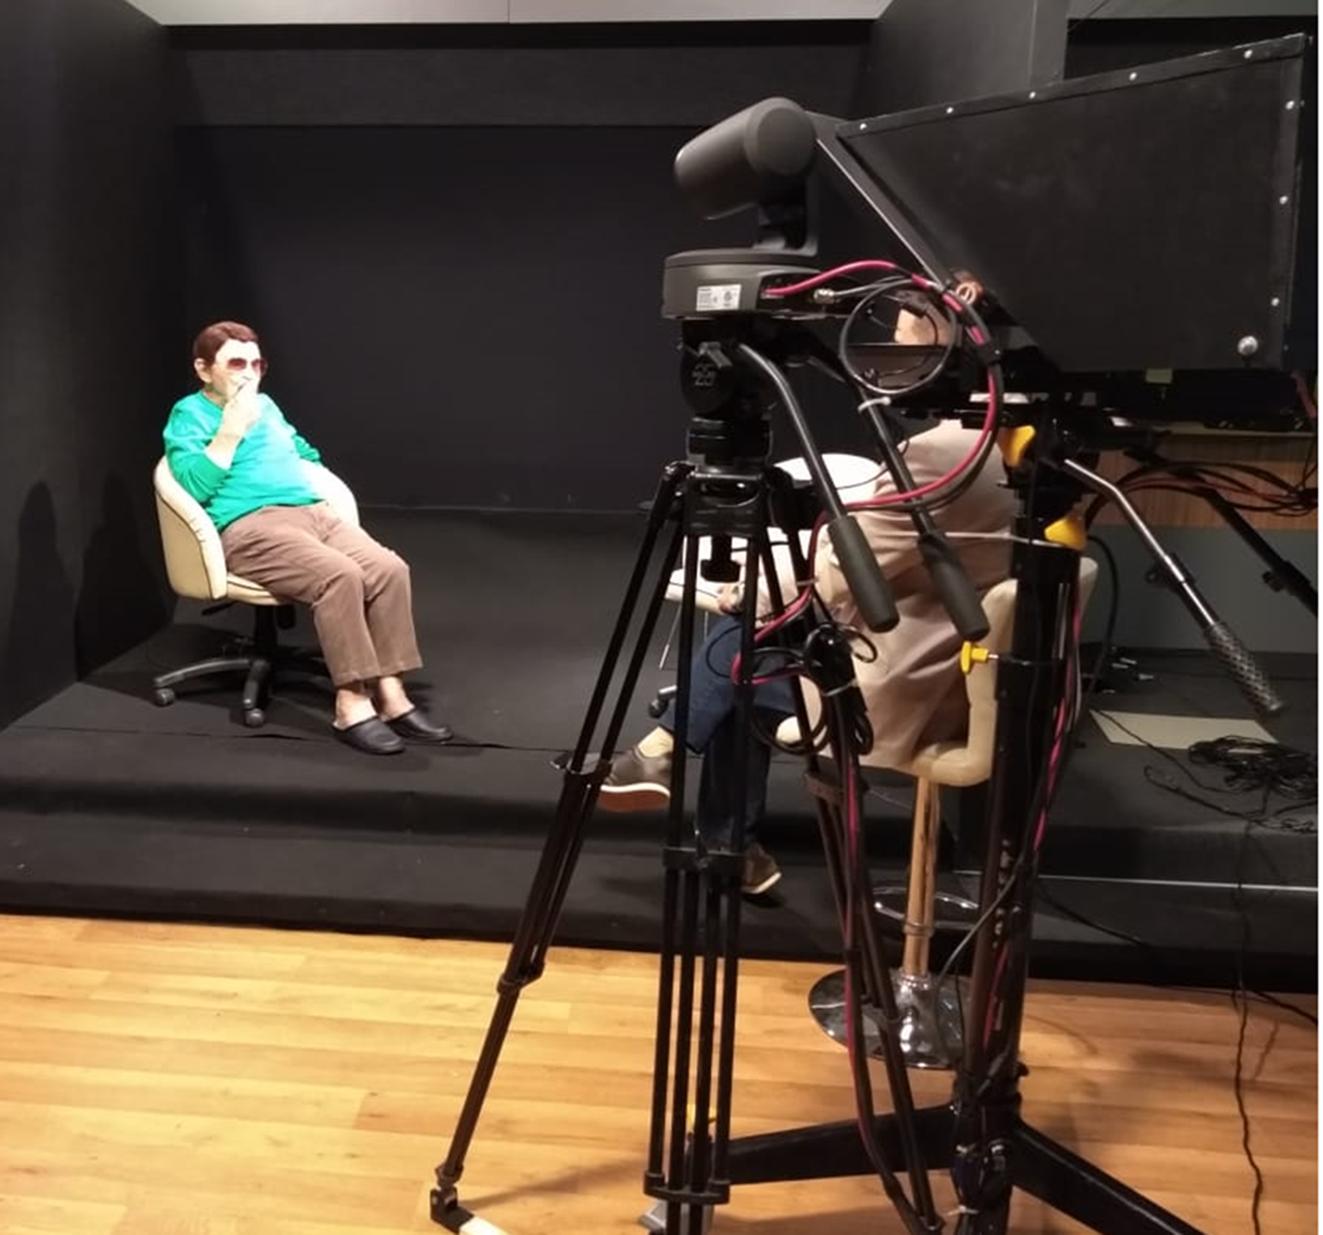 Câmera filmadora sobre tripé em primeiro plano, com dois homens sentados, conversando, em posição de entrevistador e entrevistado